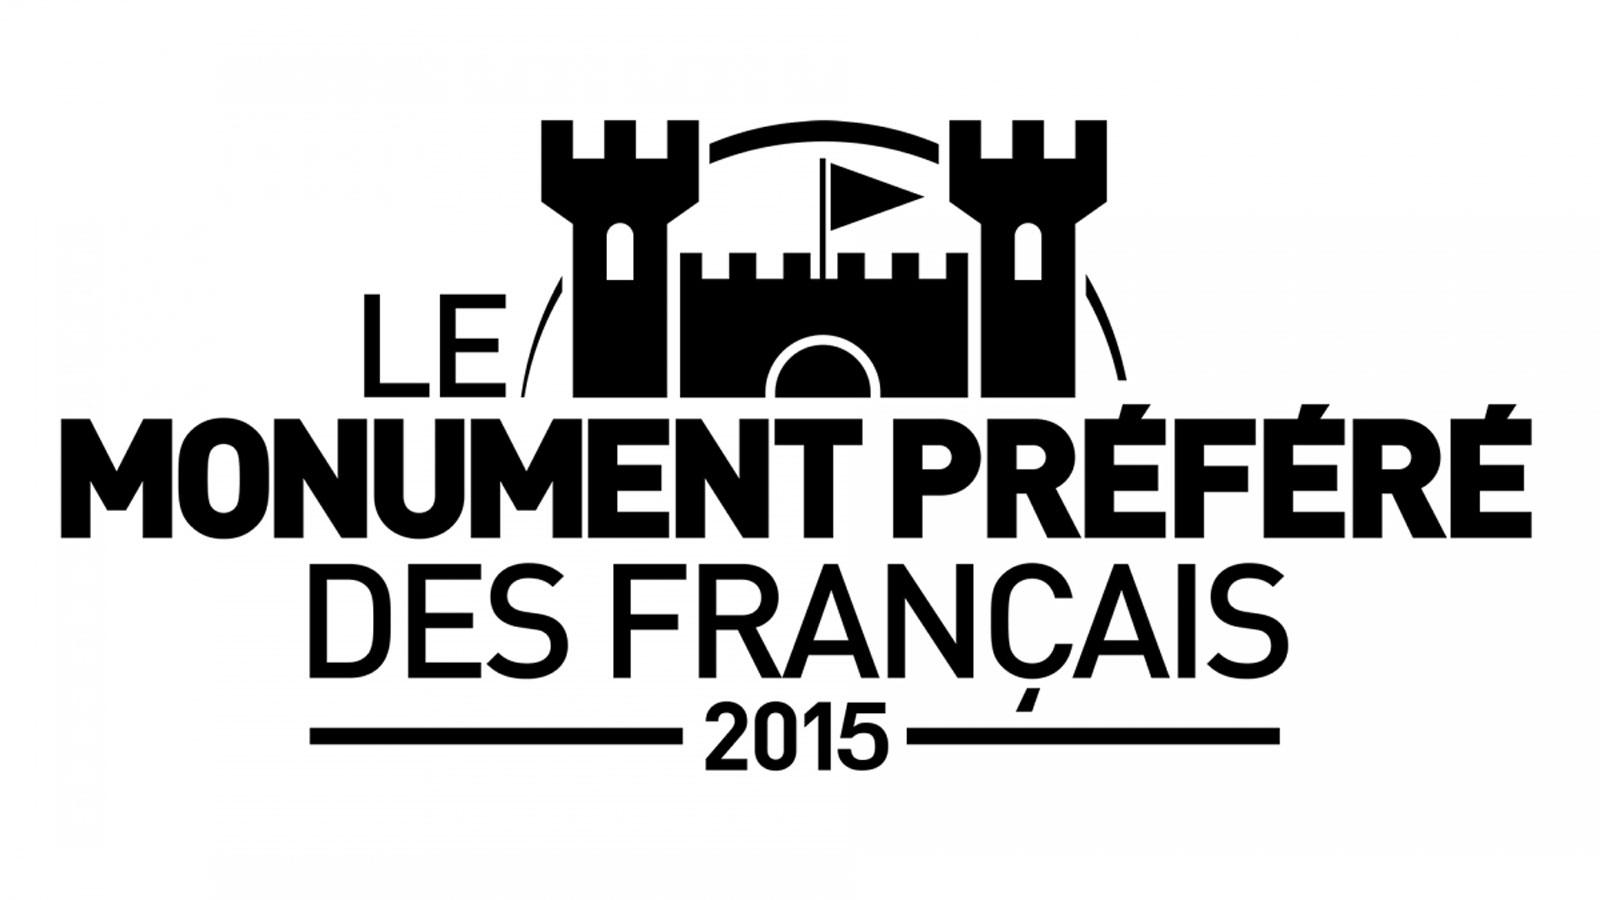 Photo of Monument préféré des français : votez pour le moulin de la Blies de Sarreguemines